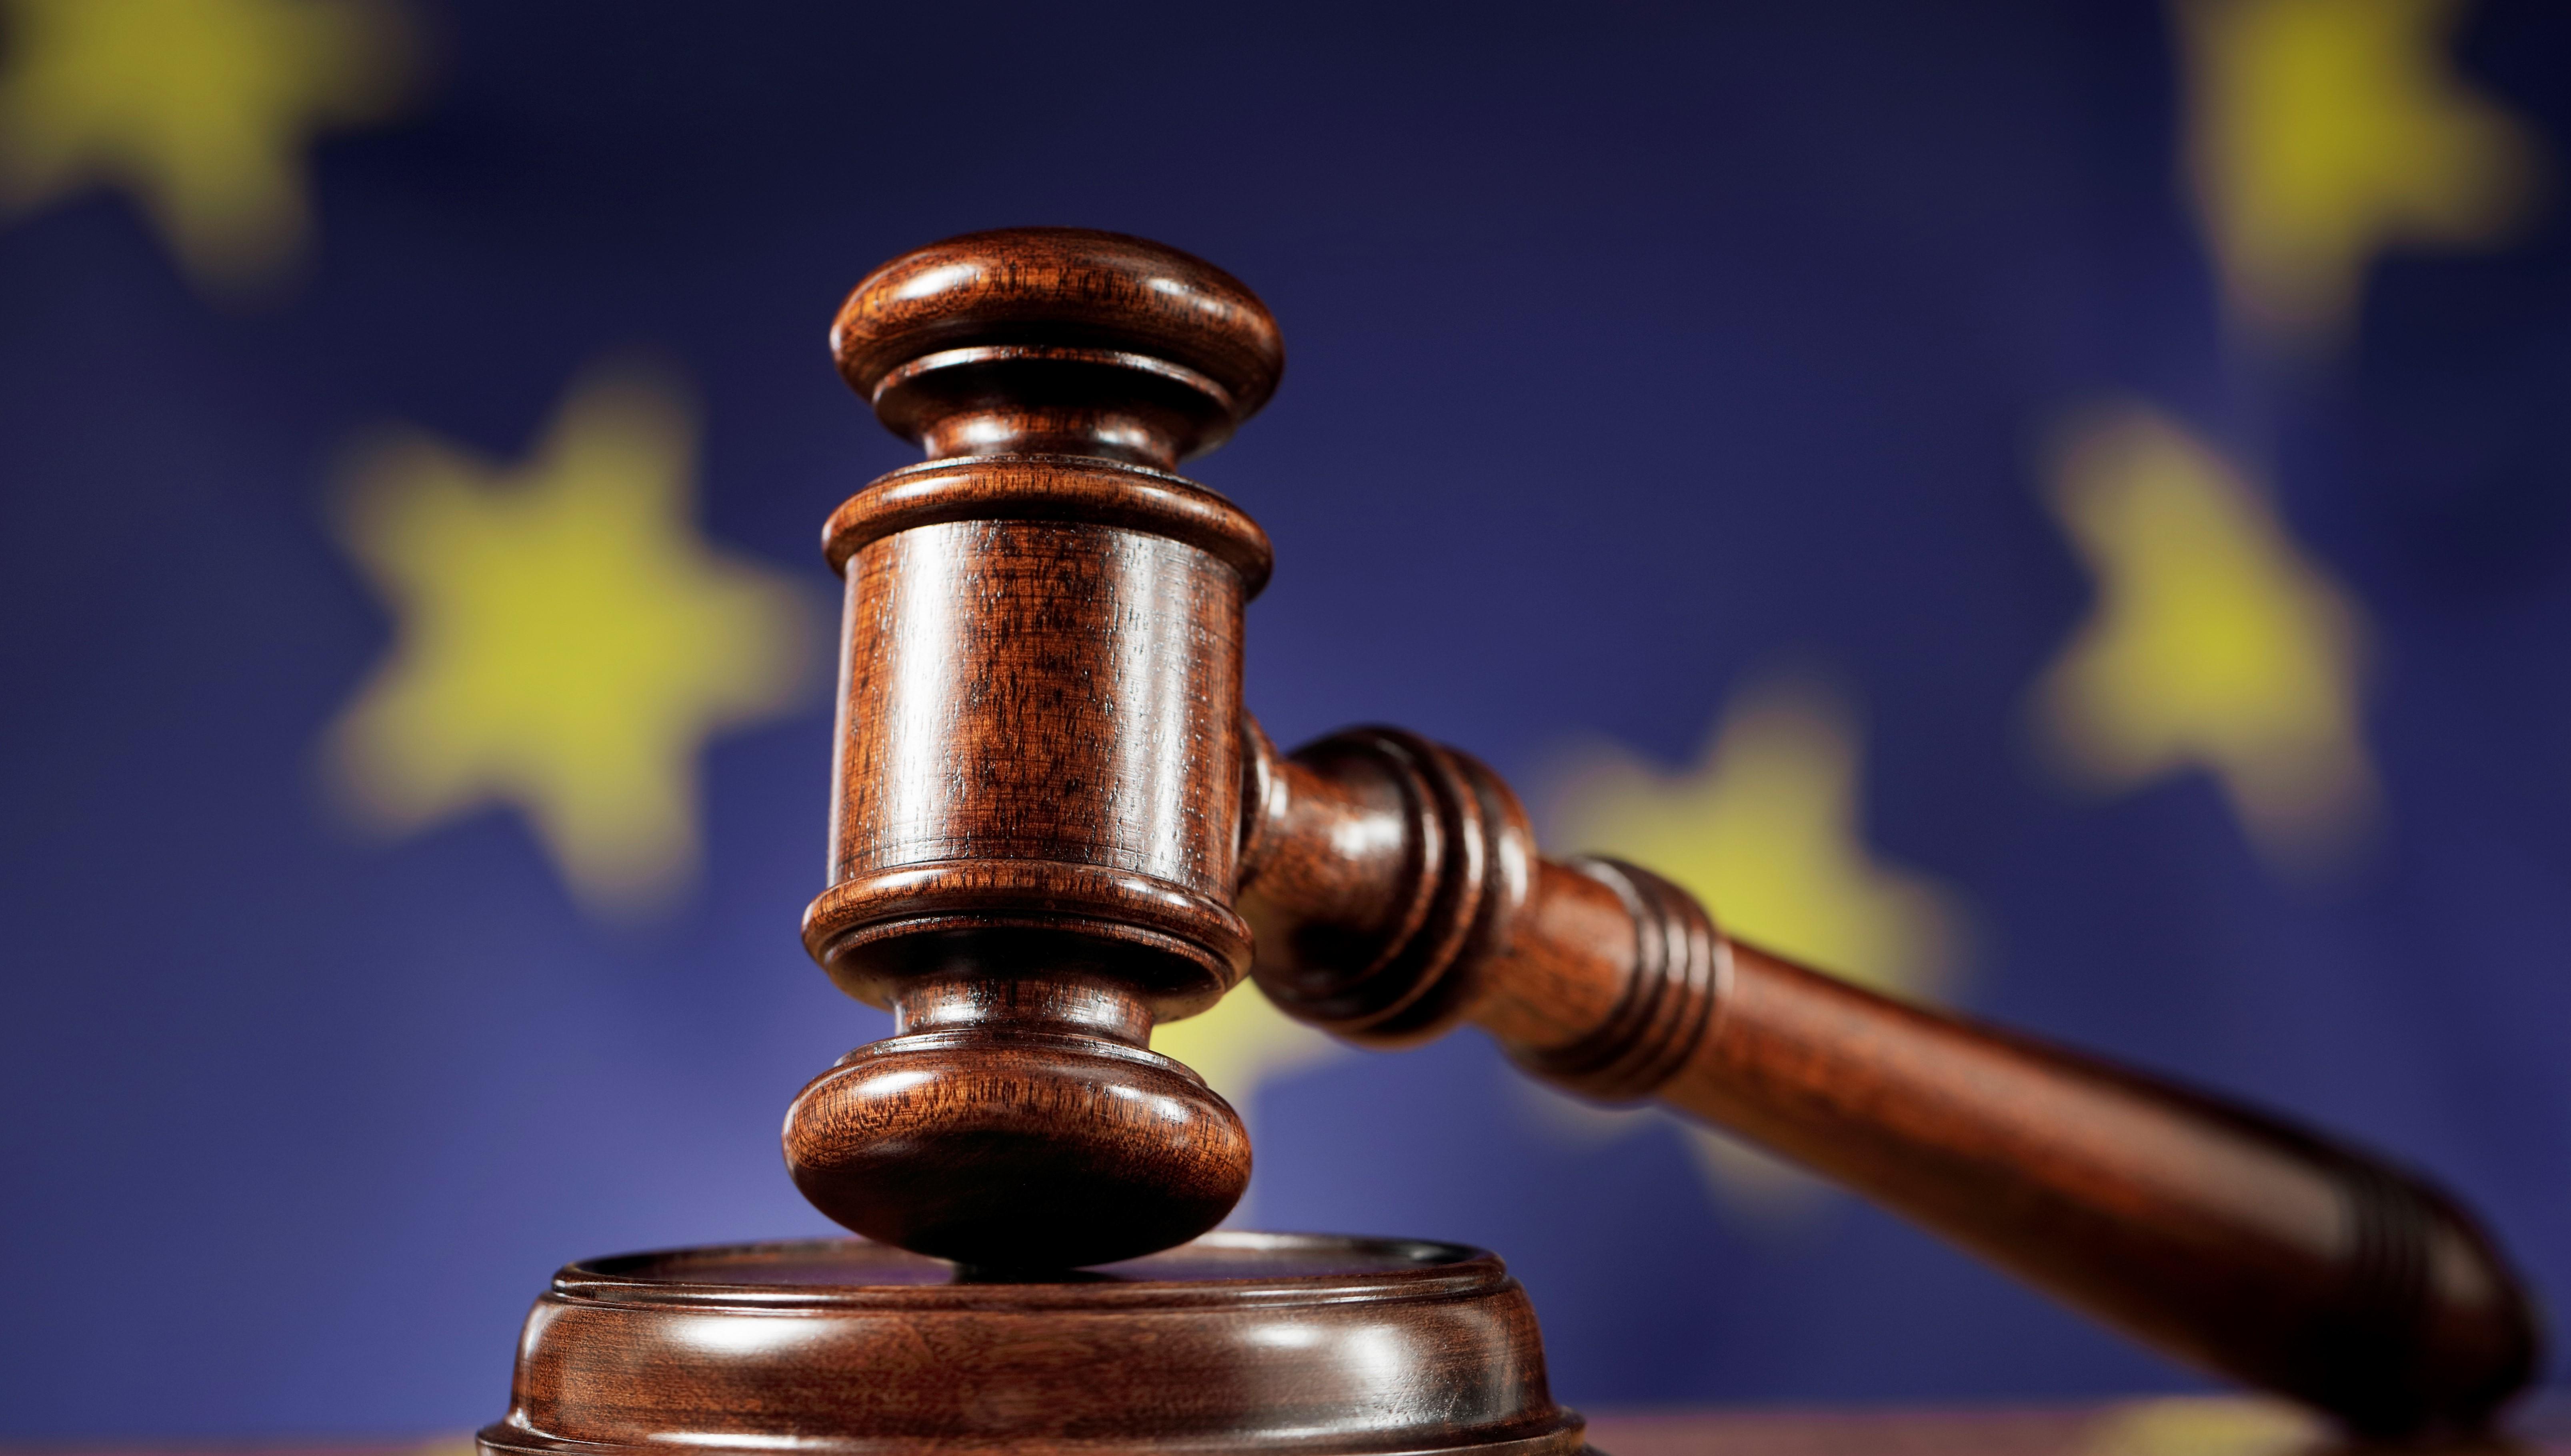 Anbud365: Oppdragsgivers vide skjønn må tåle rettslig prøving av EU-reglenes krav